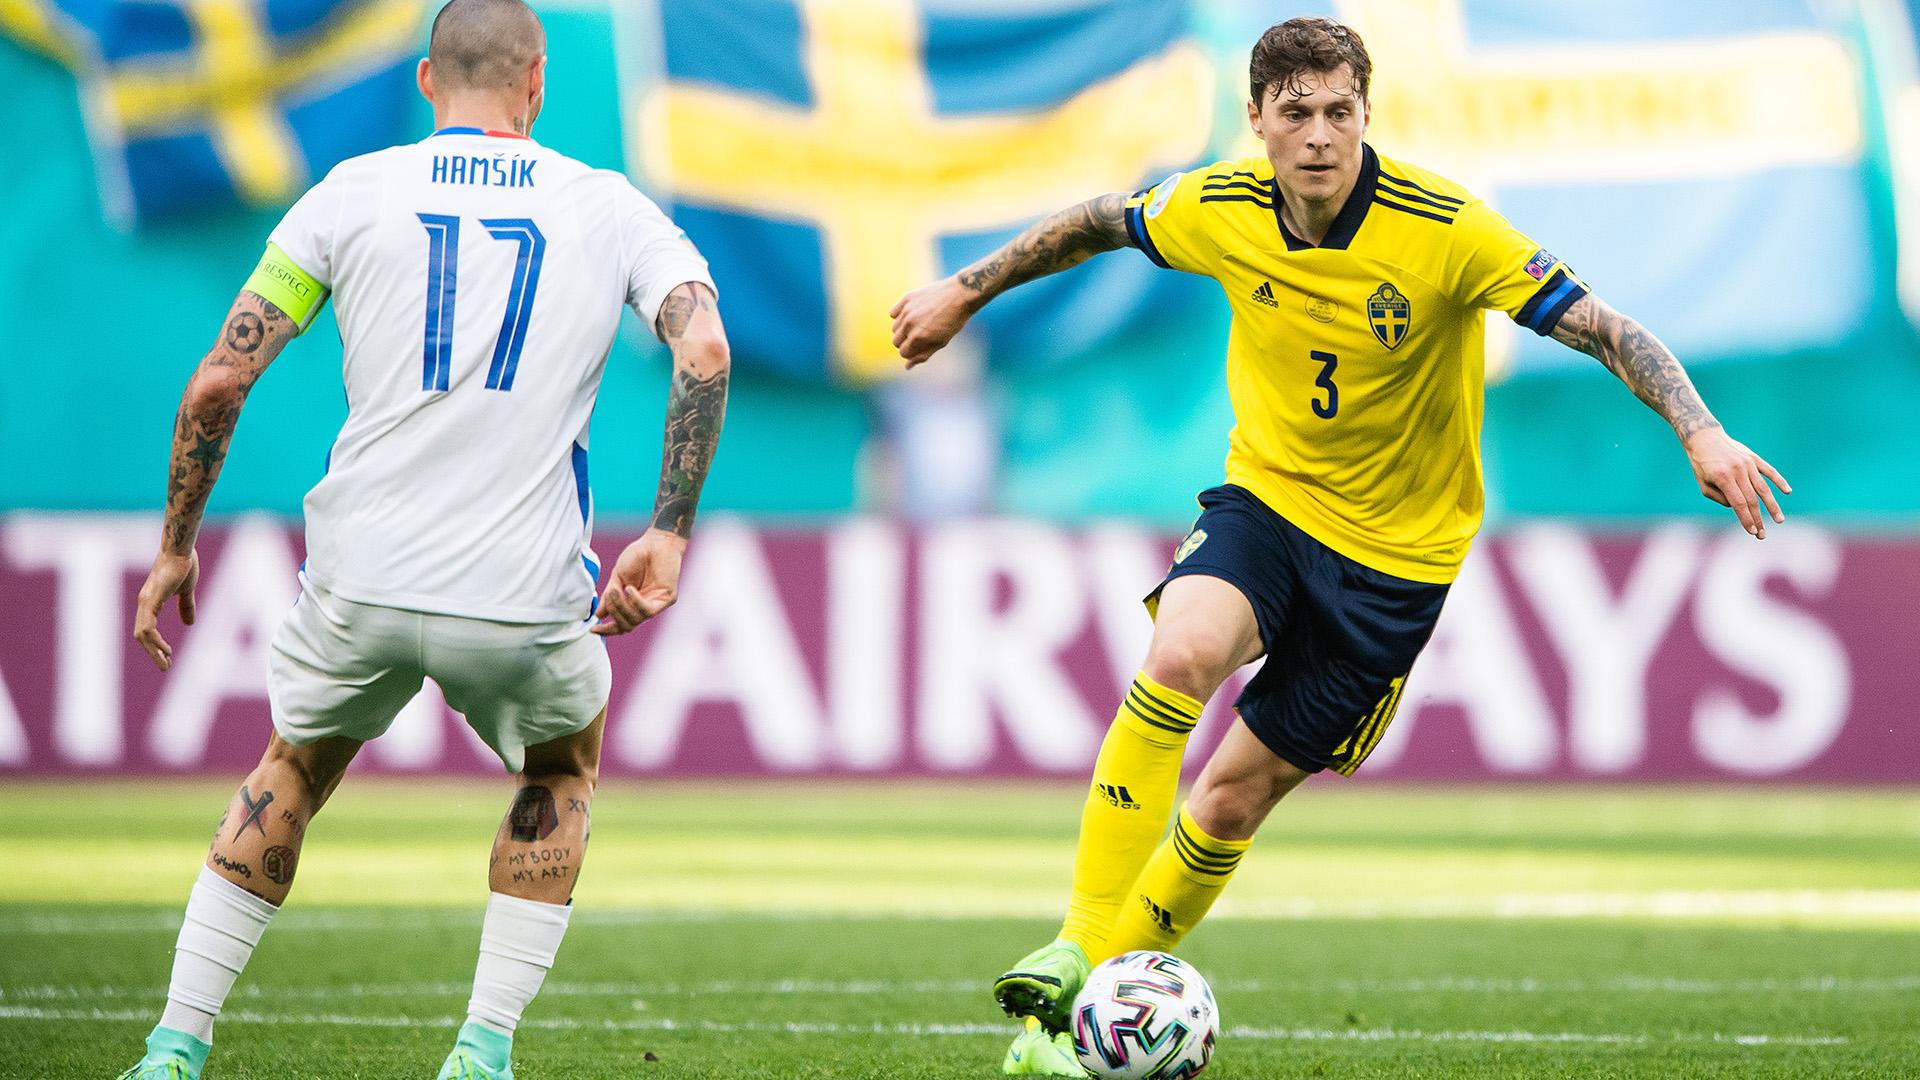 Swedia vs Slowakia